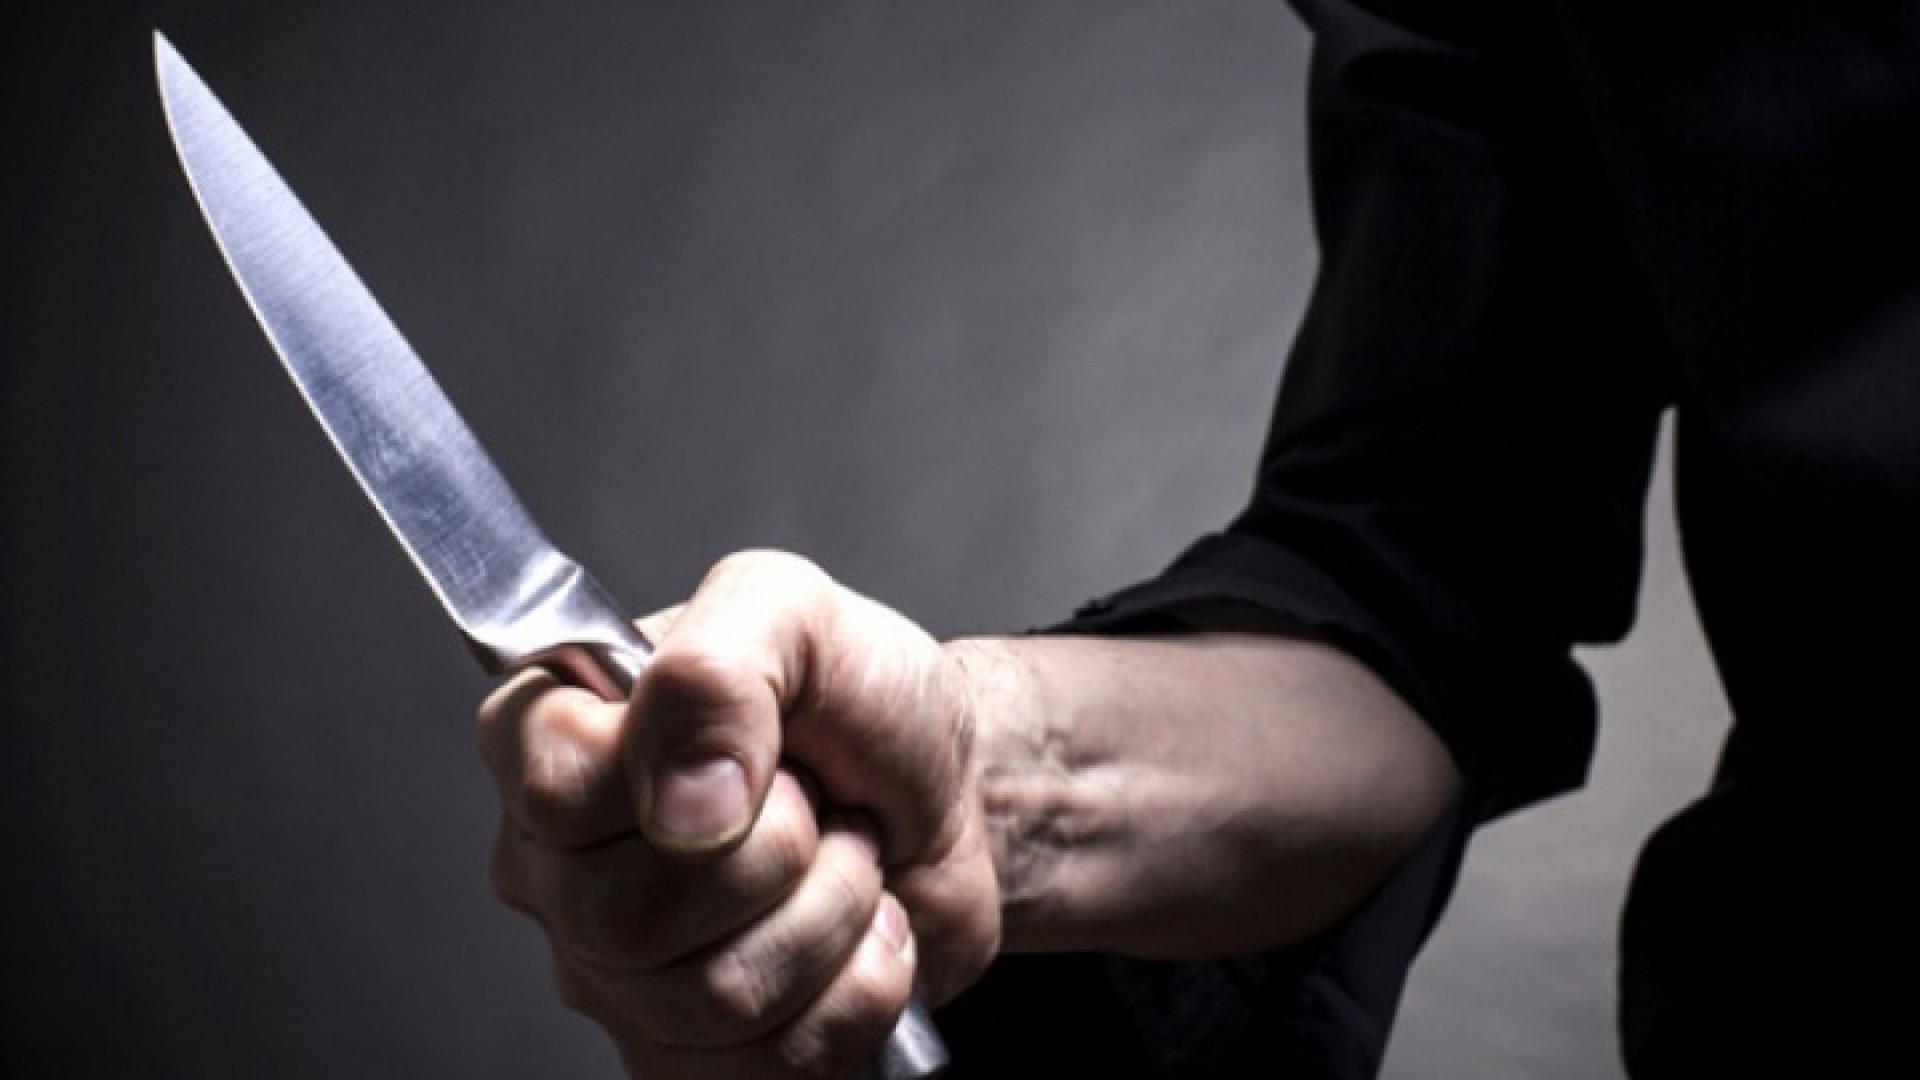 Din gelozie, i-a tăiat avântul soțului. O femeie din Orhei și-a înjunghiat bărbatul în testicule